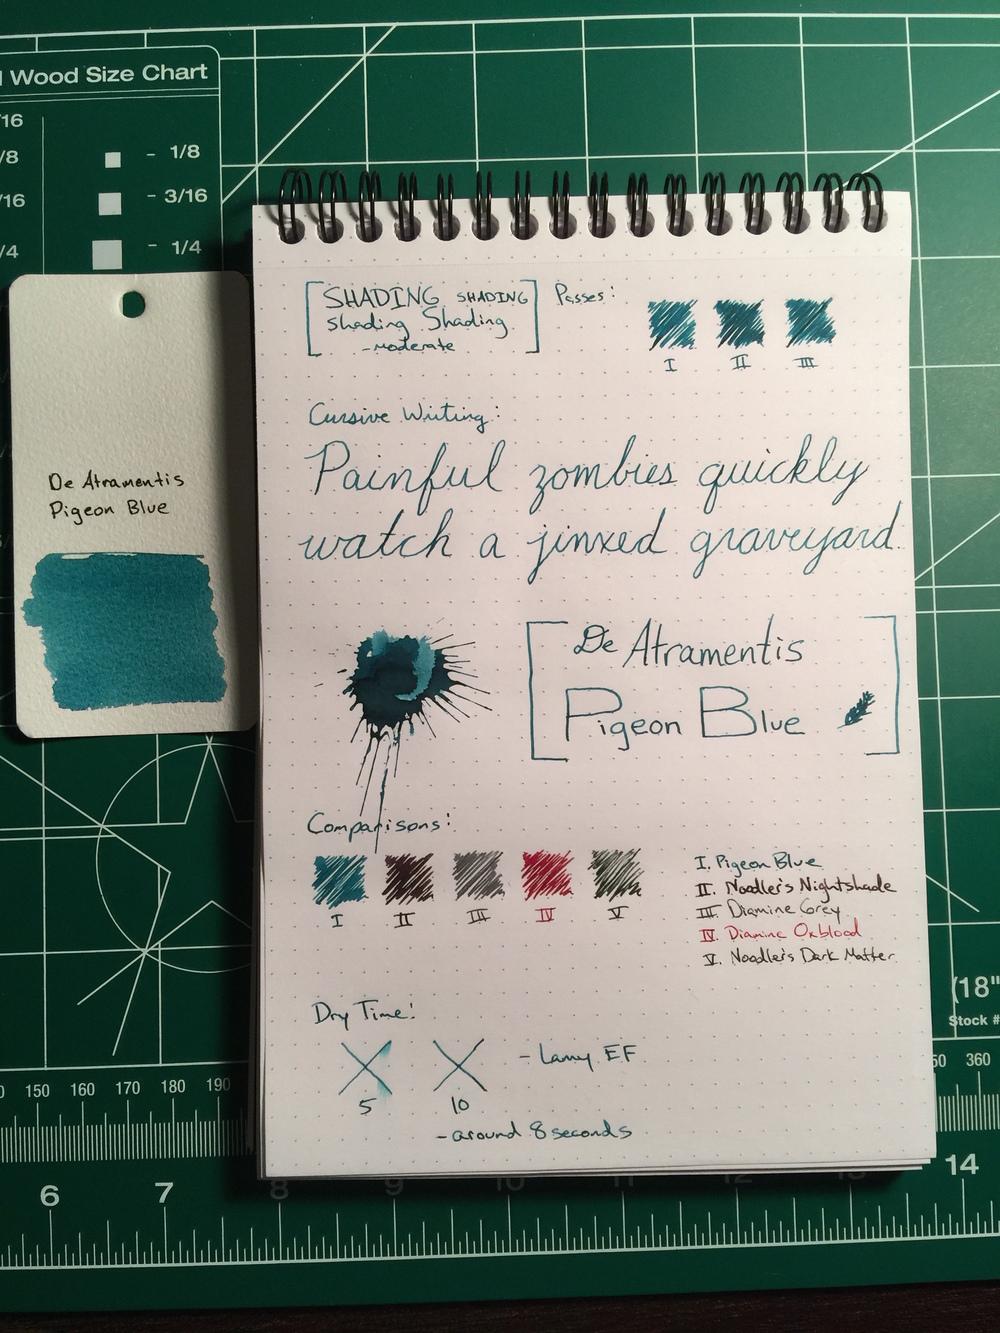 de atramentis document ink blue